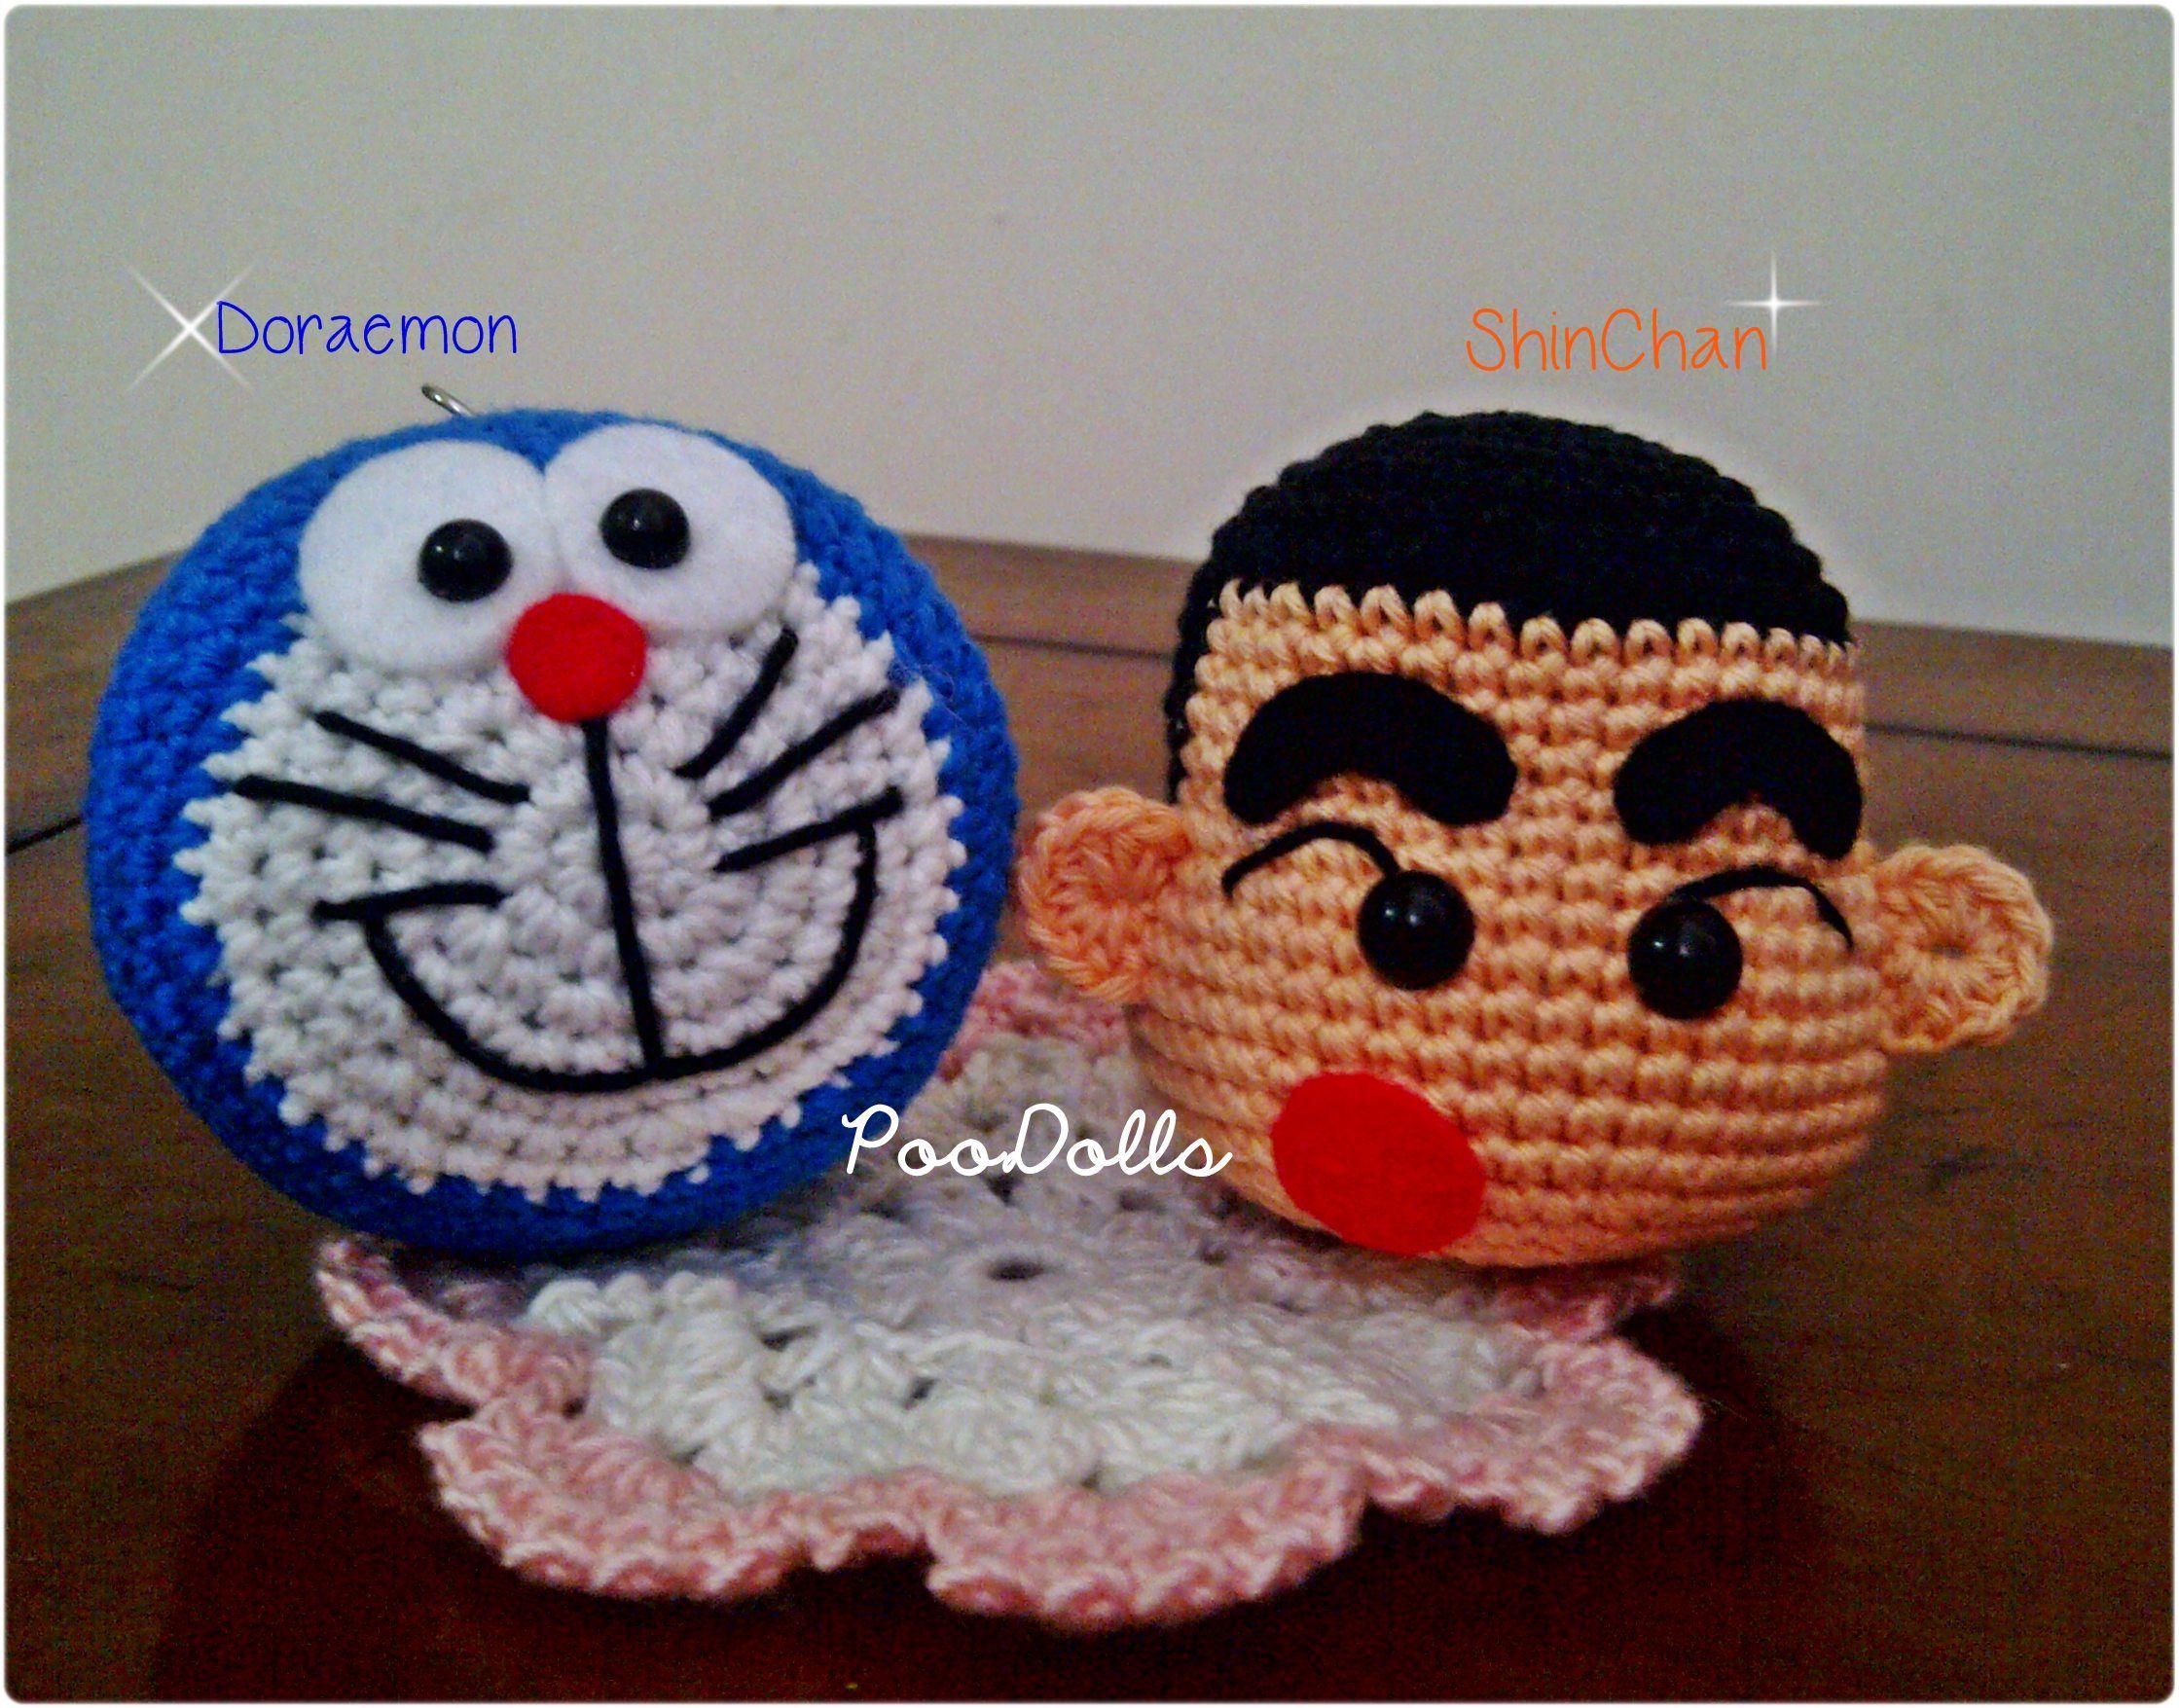 Amigurumi Doraemon Free Pattern : Doraemon & shinchan amigurumi by poodolls www.facebook.com